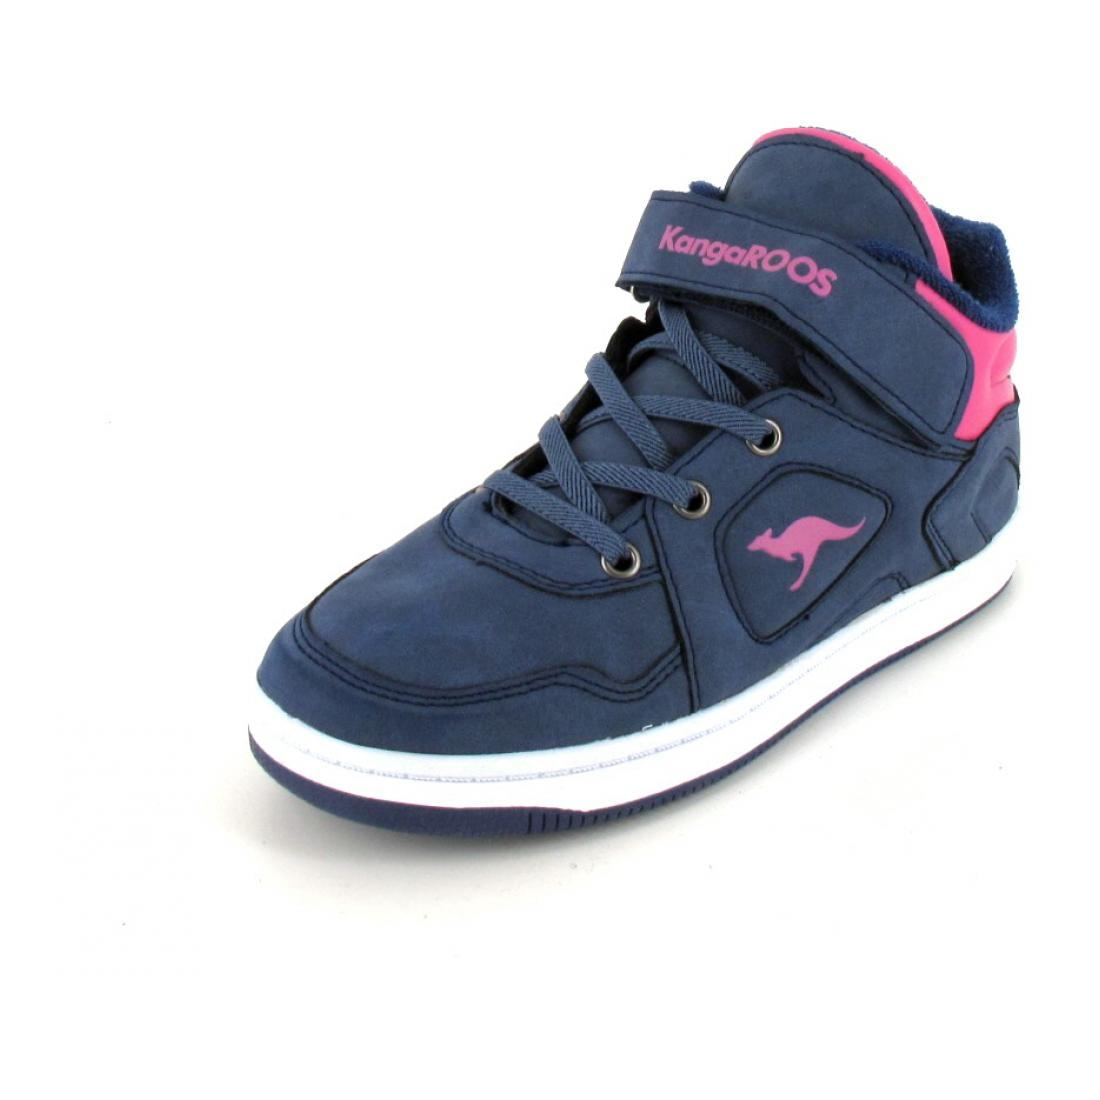 KangaRoos Sneaker high